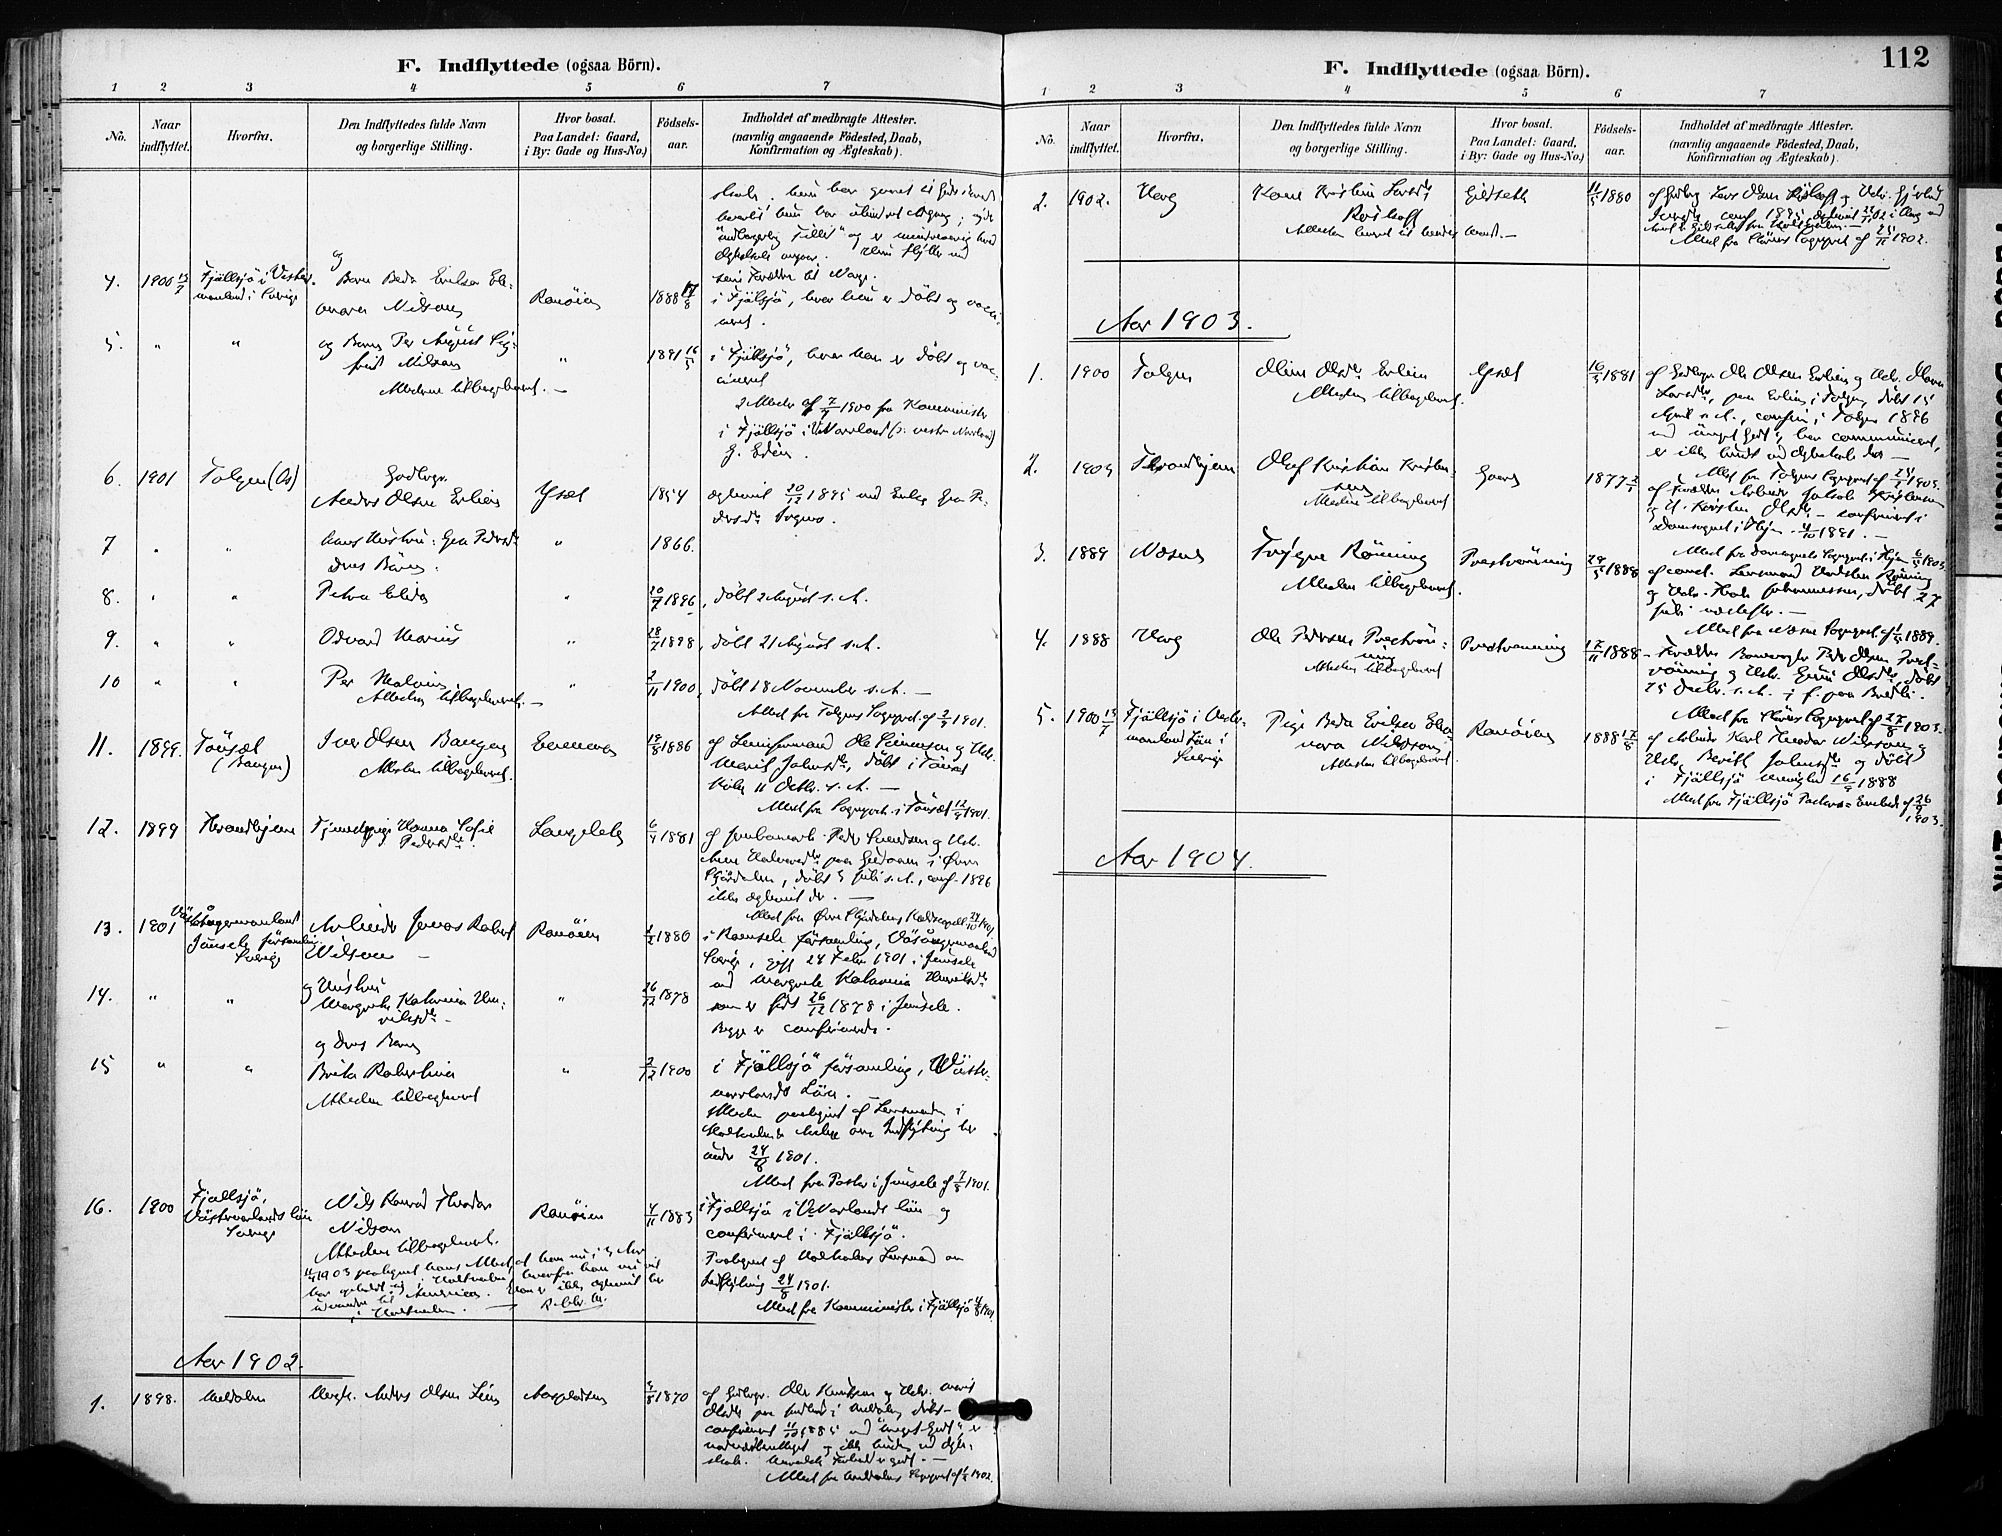 SAT, Ministerialprotokoller, klokkerbøker og fødselsregistre - Sør-Trøndelag, 685/L0973: Ministerialbok nr. 685A10, 1891-1907, s. 112